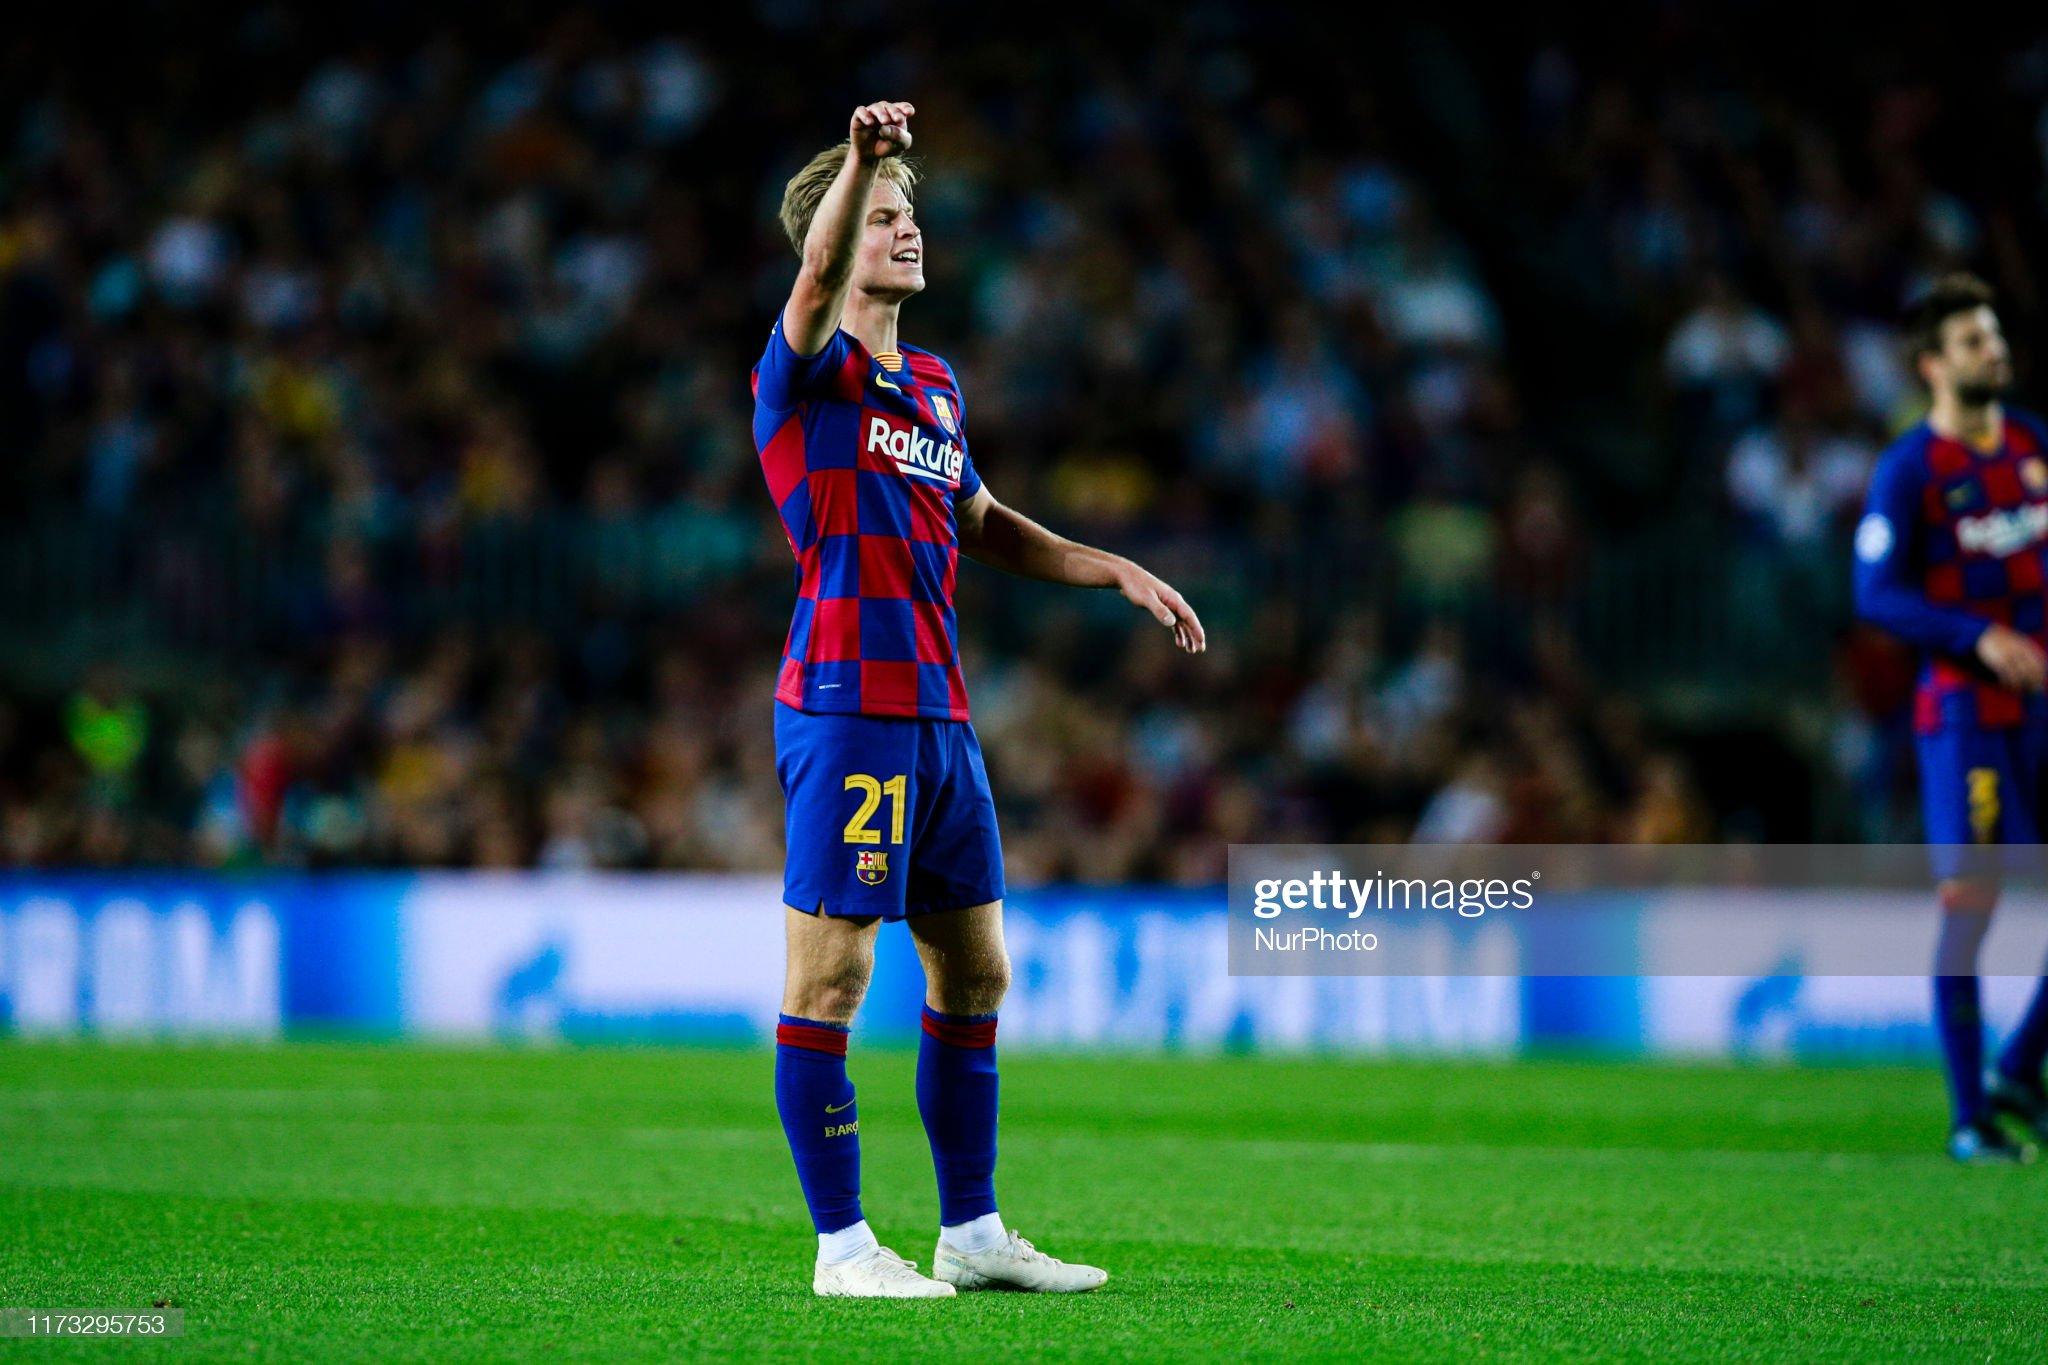 صور مباراة : برشلونة - إنتر 2-1 ( 02-10-2019 )  Frenkie-de-jong-from-holland-of-fc-barcelona-during-the-uefa-league-picture-id1173295753?s=2048x2048